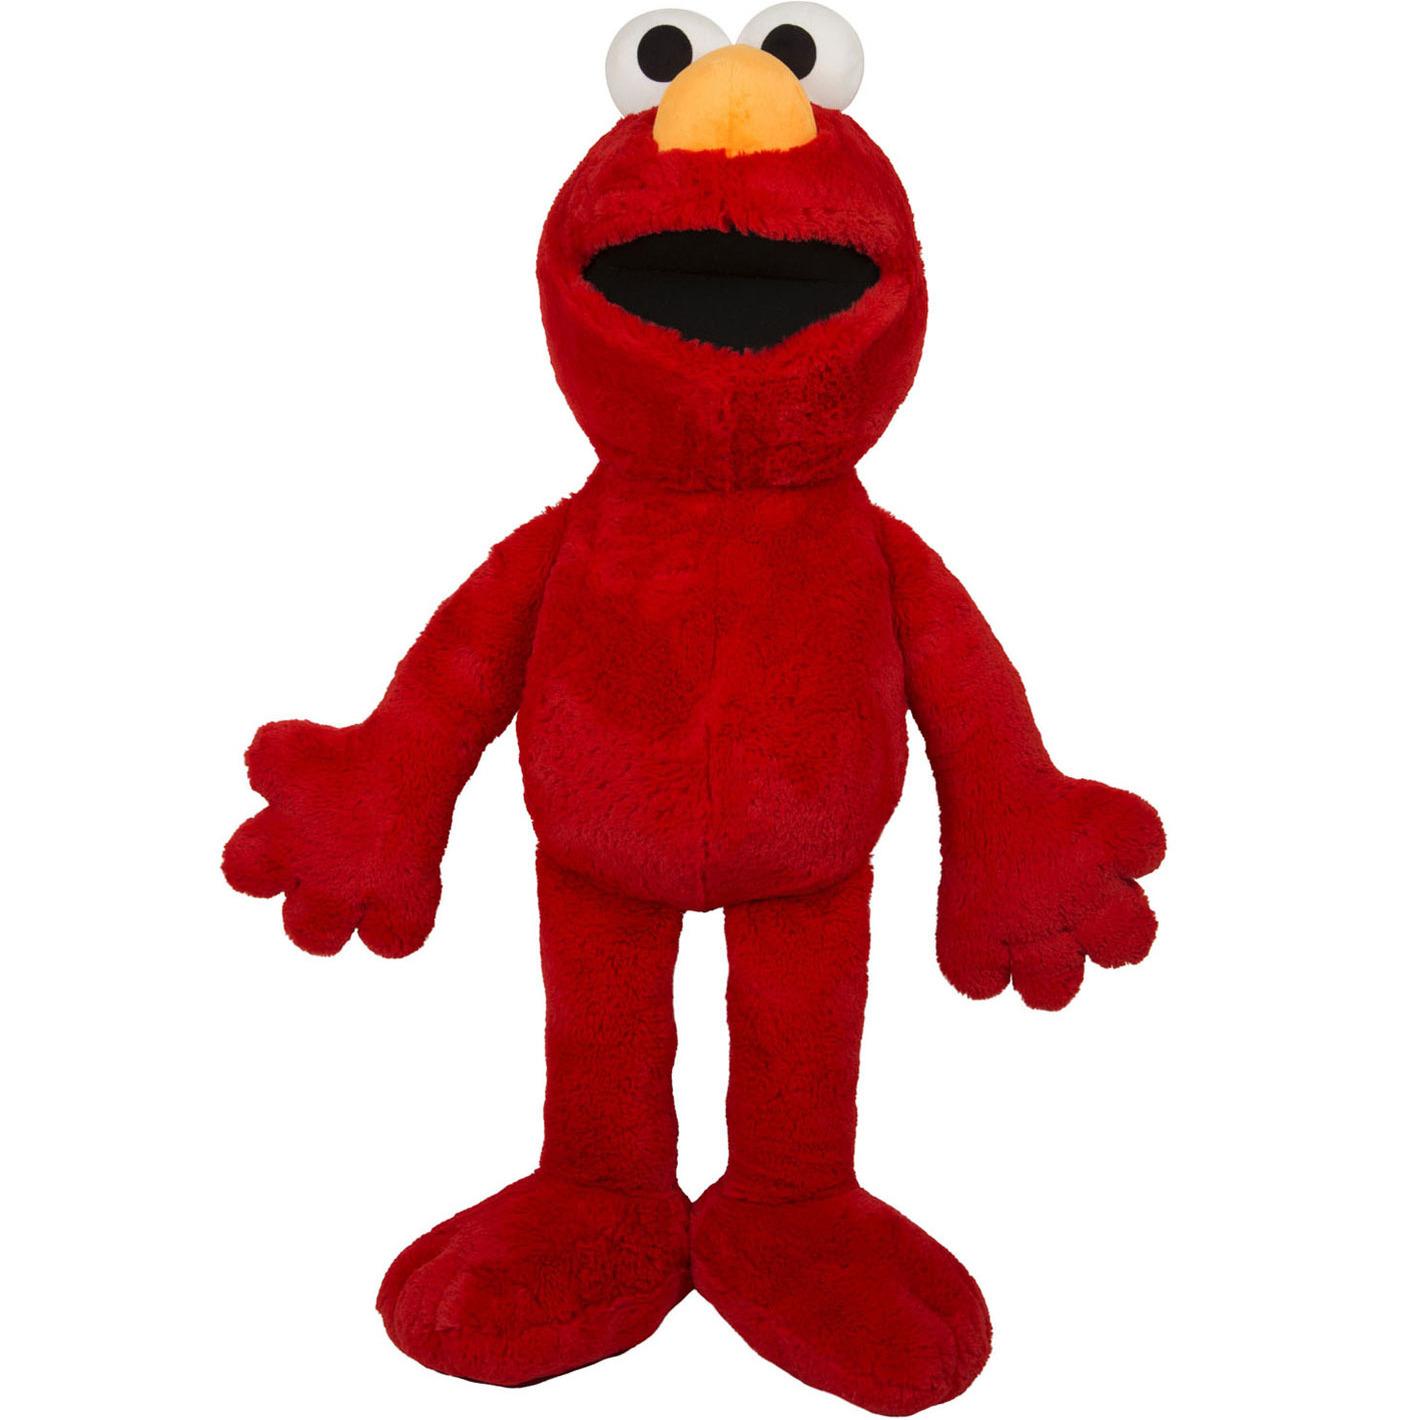 Sesame Street speelgoed artikelen Sesamstraat Elmo knuffelbeest rood 100 cm